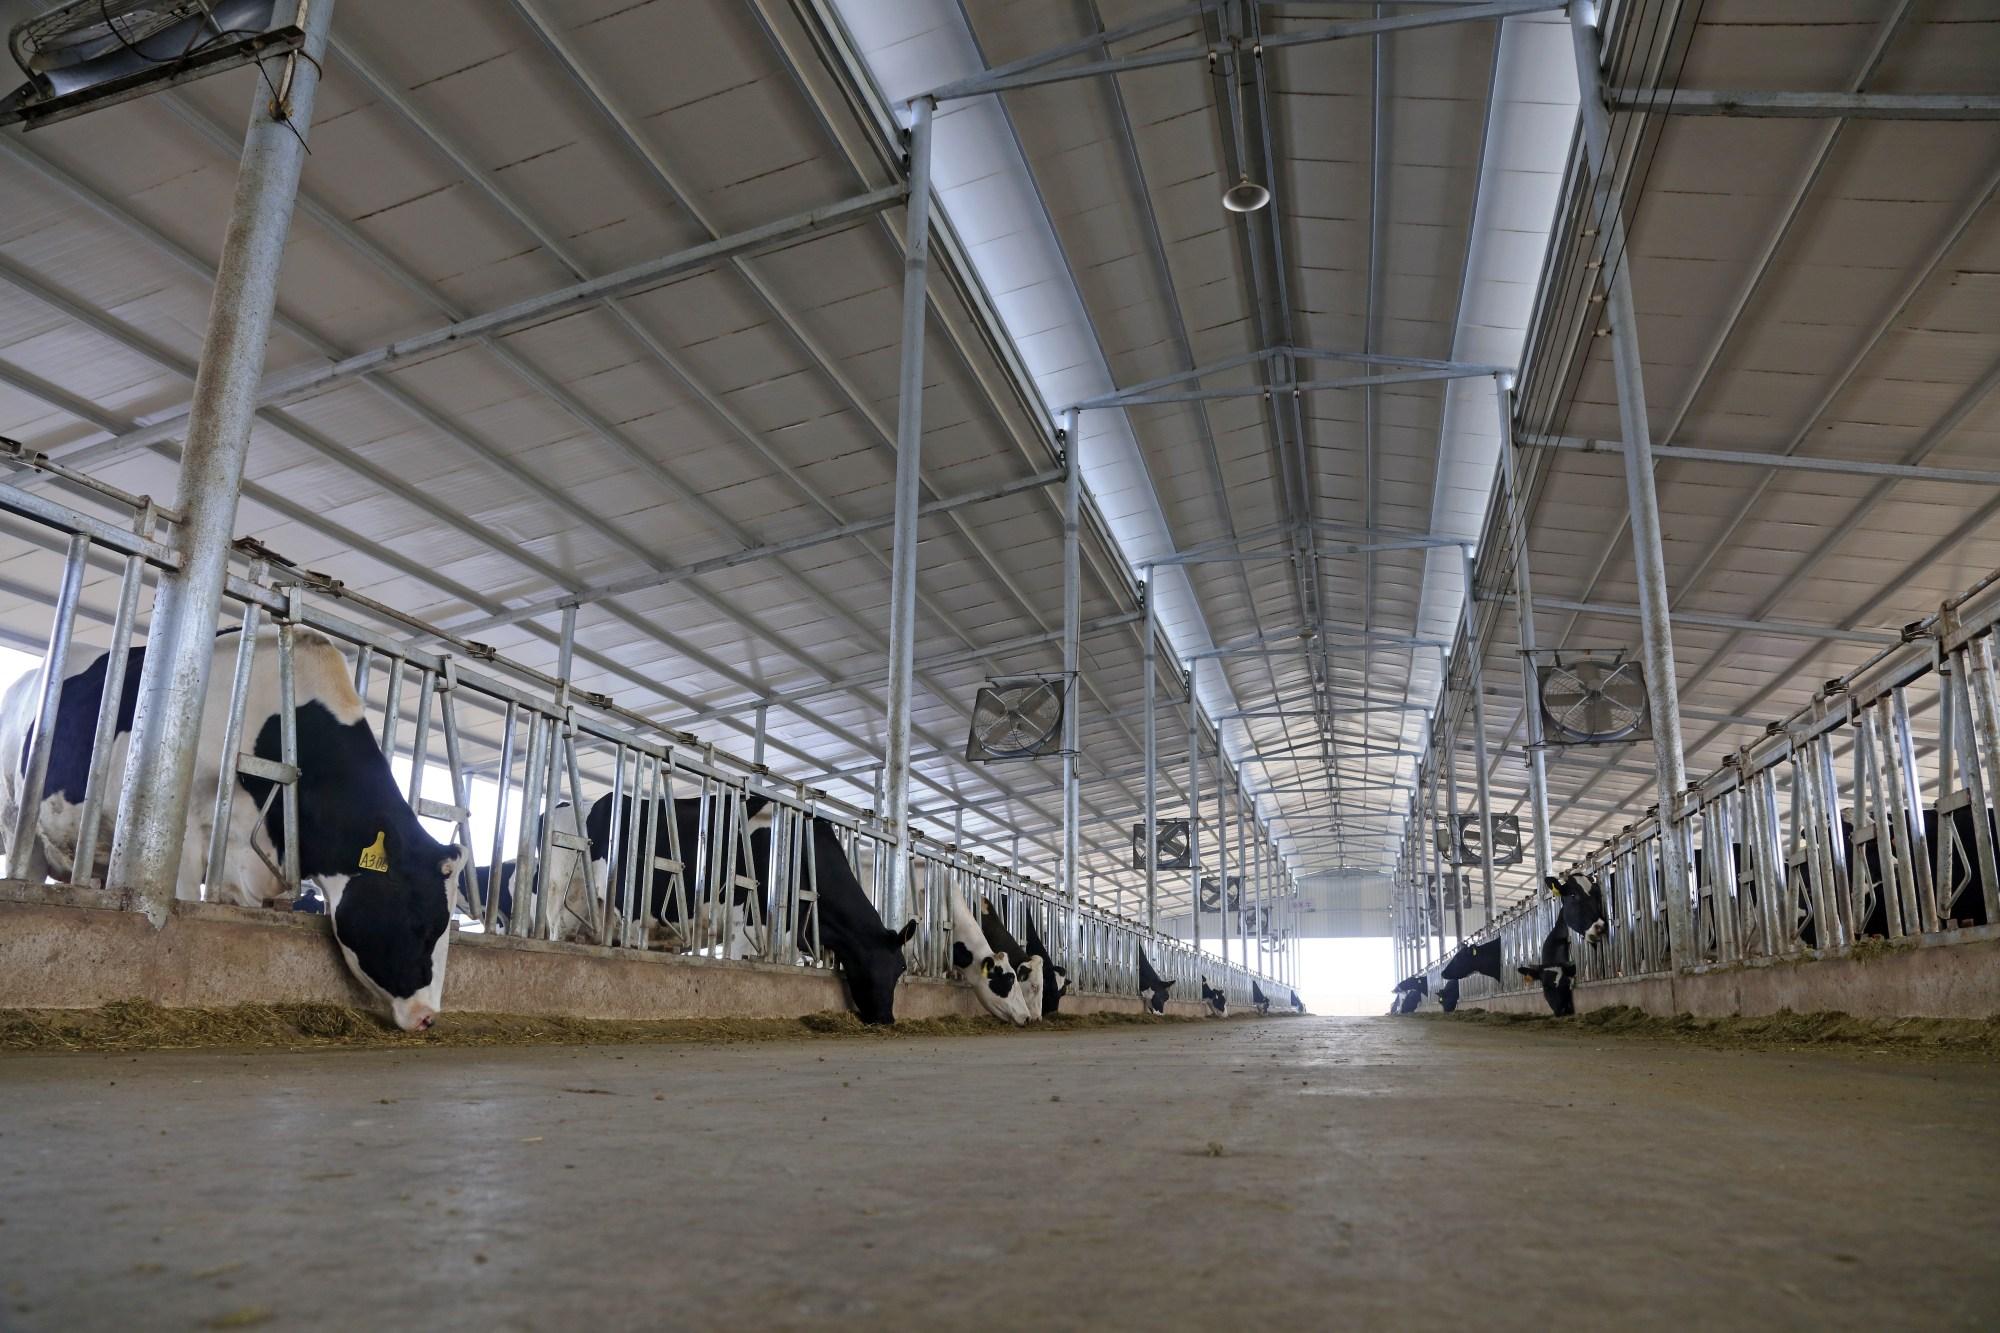 Kuhstall in offener Bauweise mit Ventilatoren